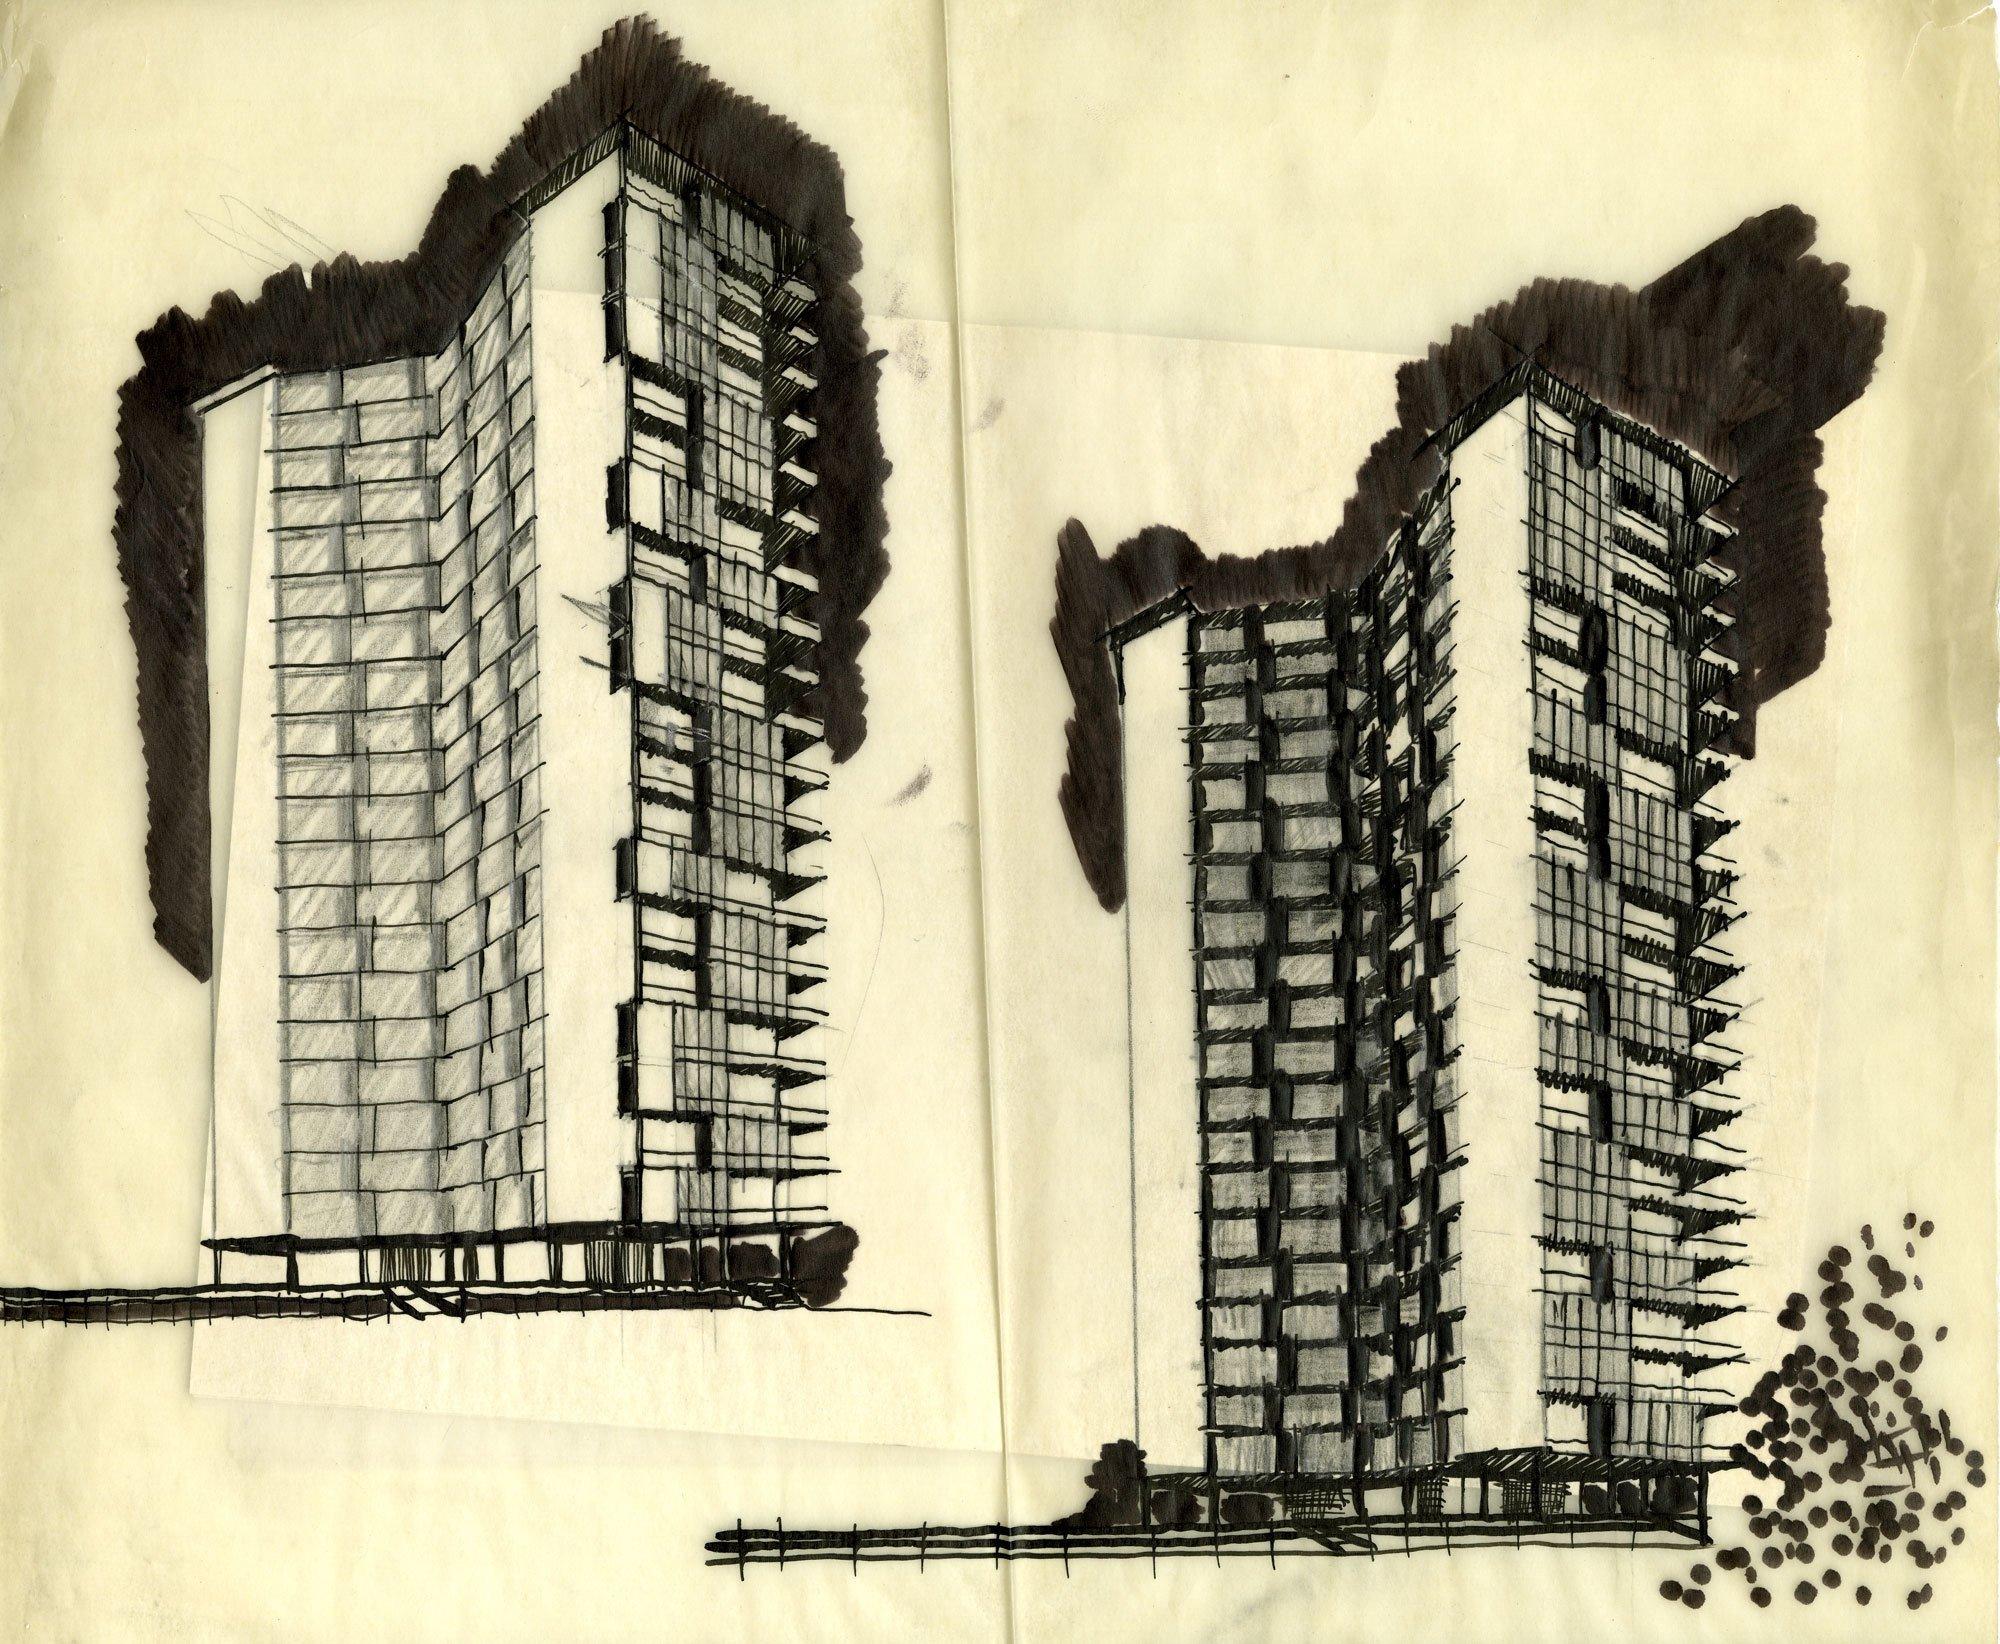 Studien zum Torre al Parco Sempione in Mailand. Foto/ Copyright: Archivio Vico Magistretti